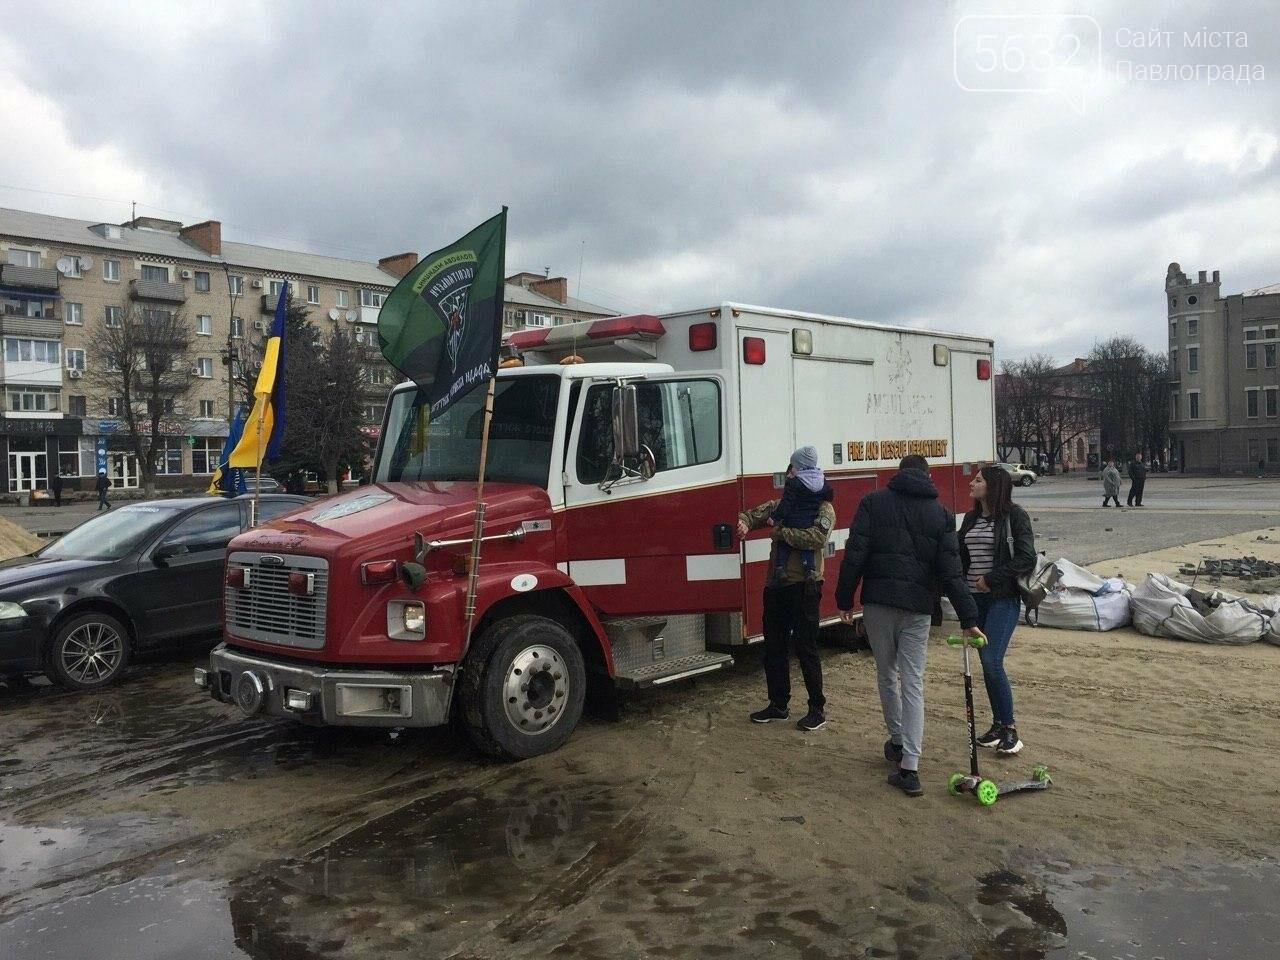 В День украинского добровольца павлоградцы устроили автопробег (ФОТОРЕПОРТАЖ), фото-13